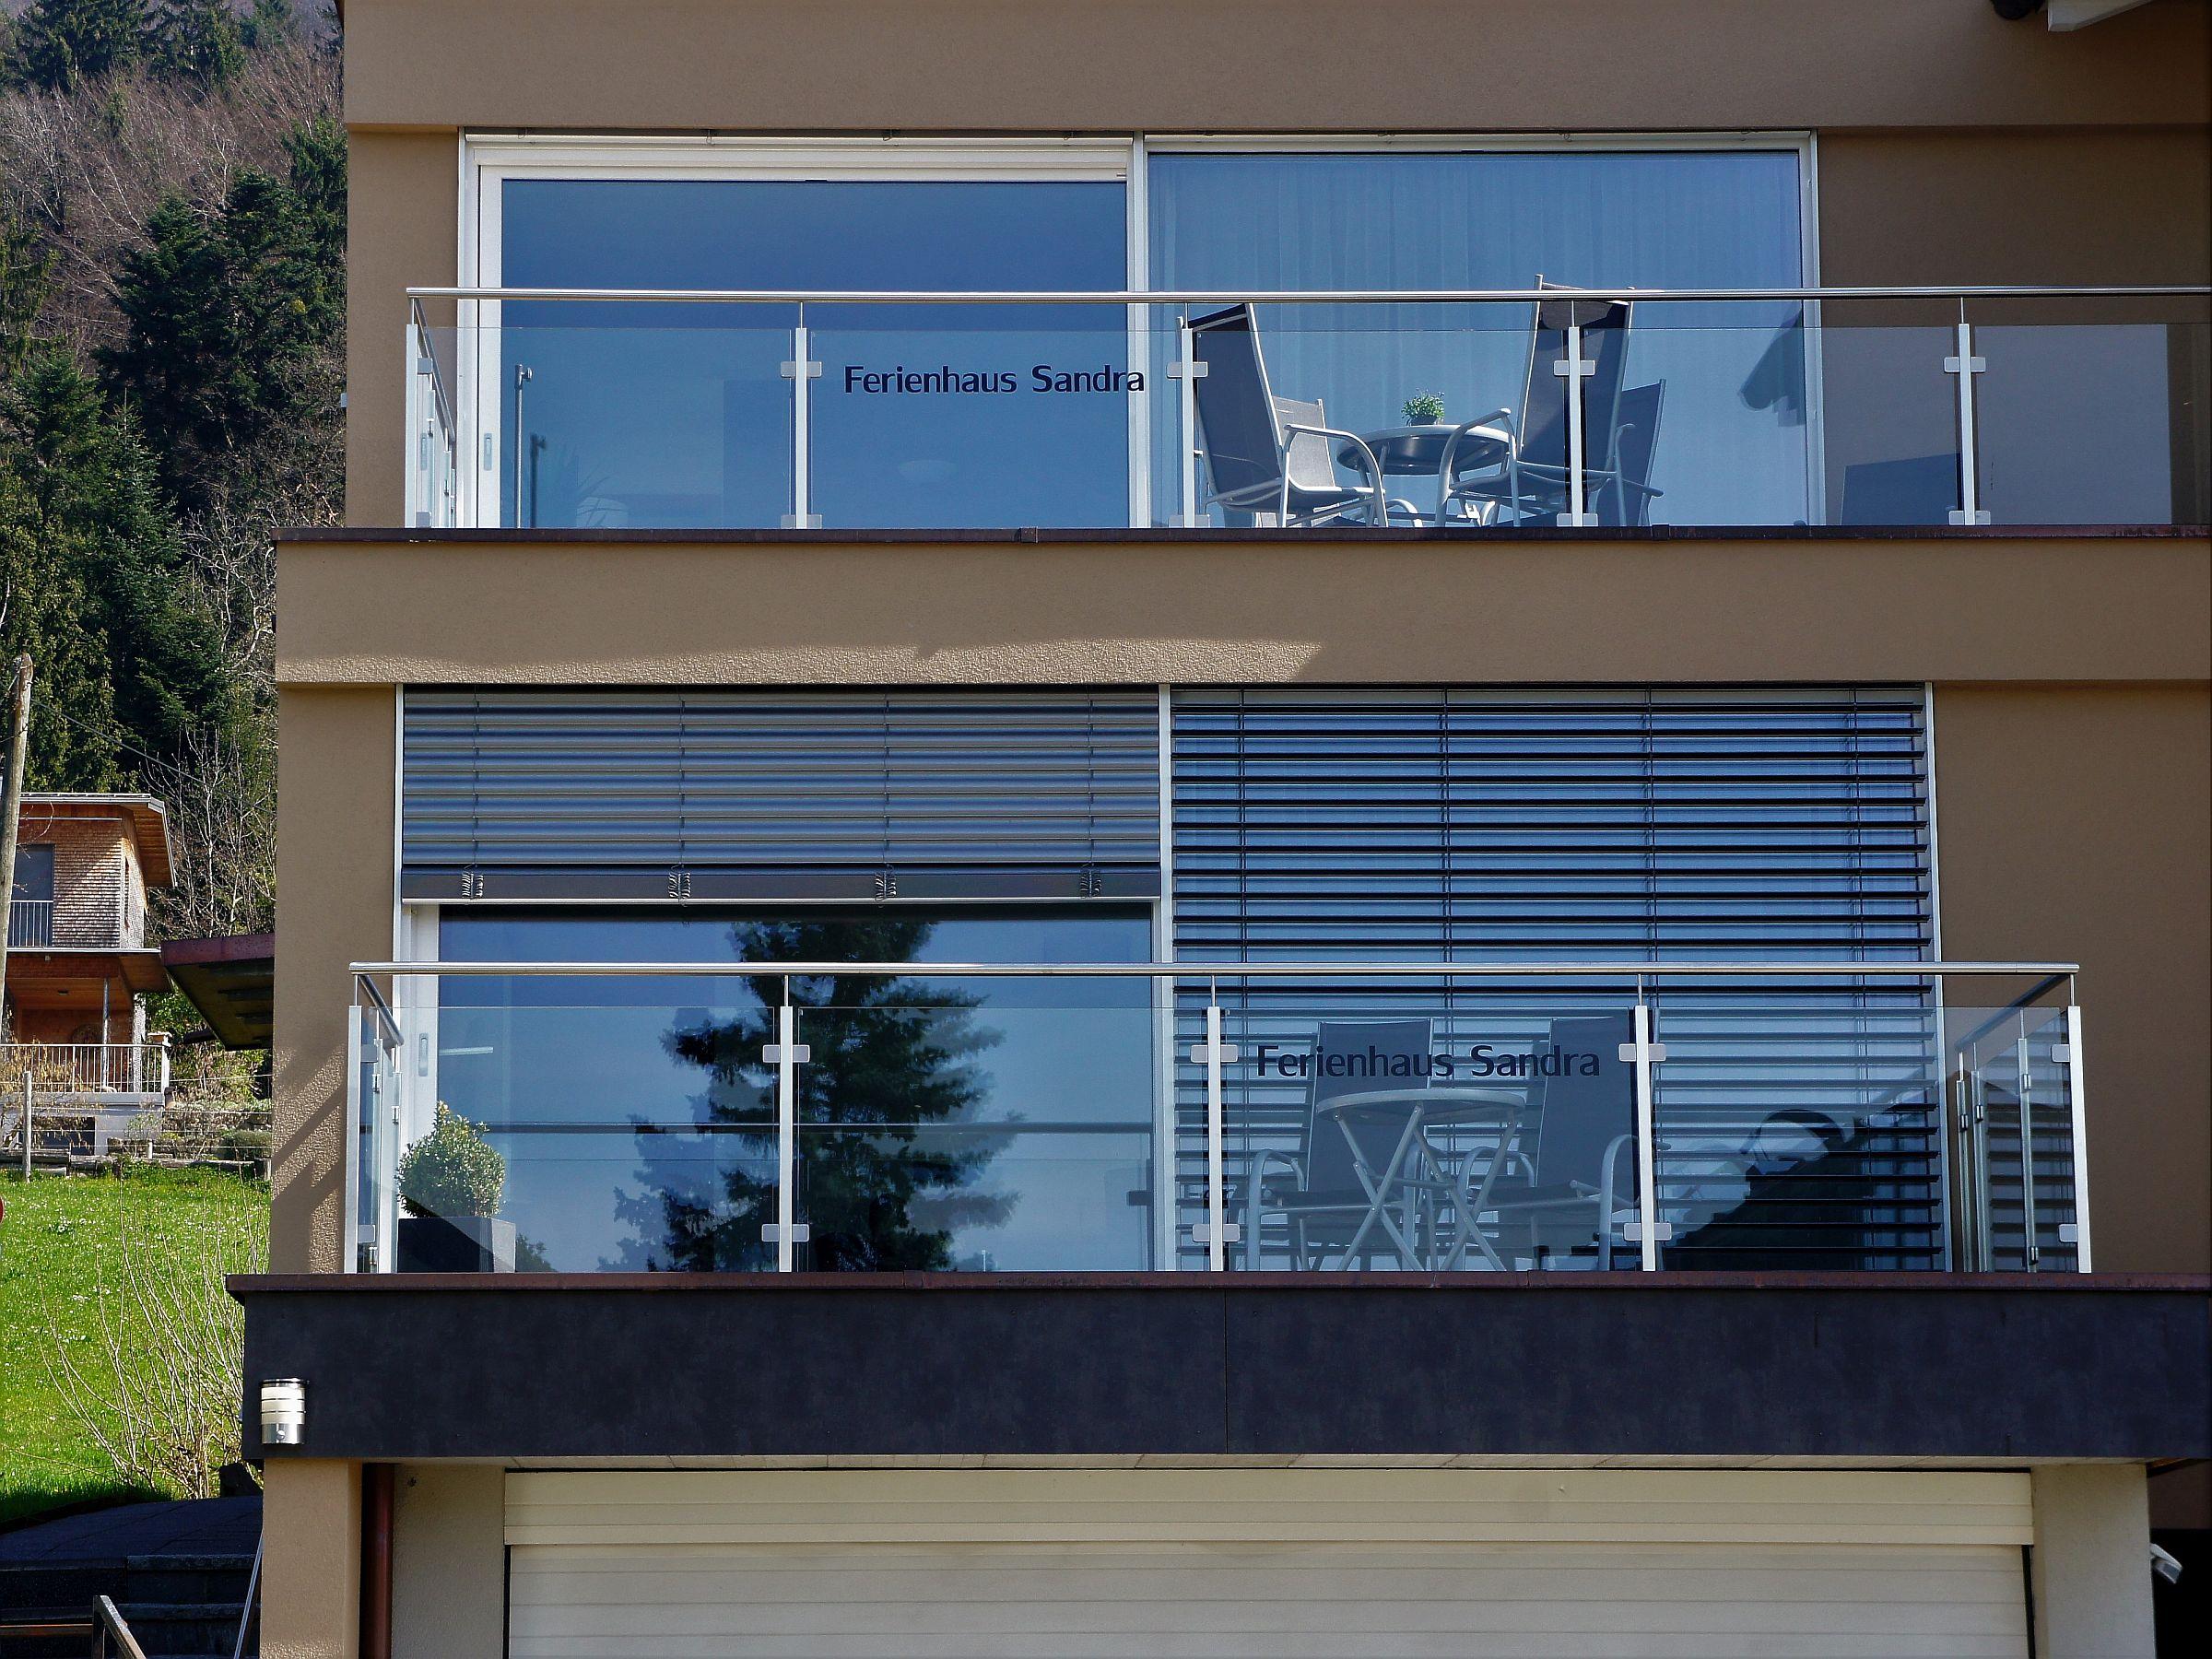 Appartement de vacances Sandra, (Hörbranz). Ferienwohnung Dreiländerblick, 58qm, 1 Schlafzimmer, max. 4 Personen (2127339), Hörbranz, Bregenz, Vorarlberg, Autriche, image 2